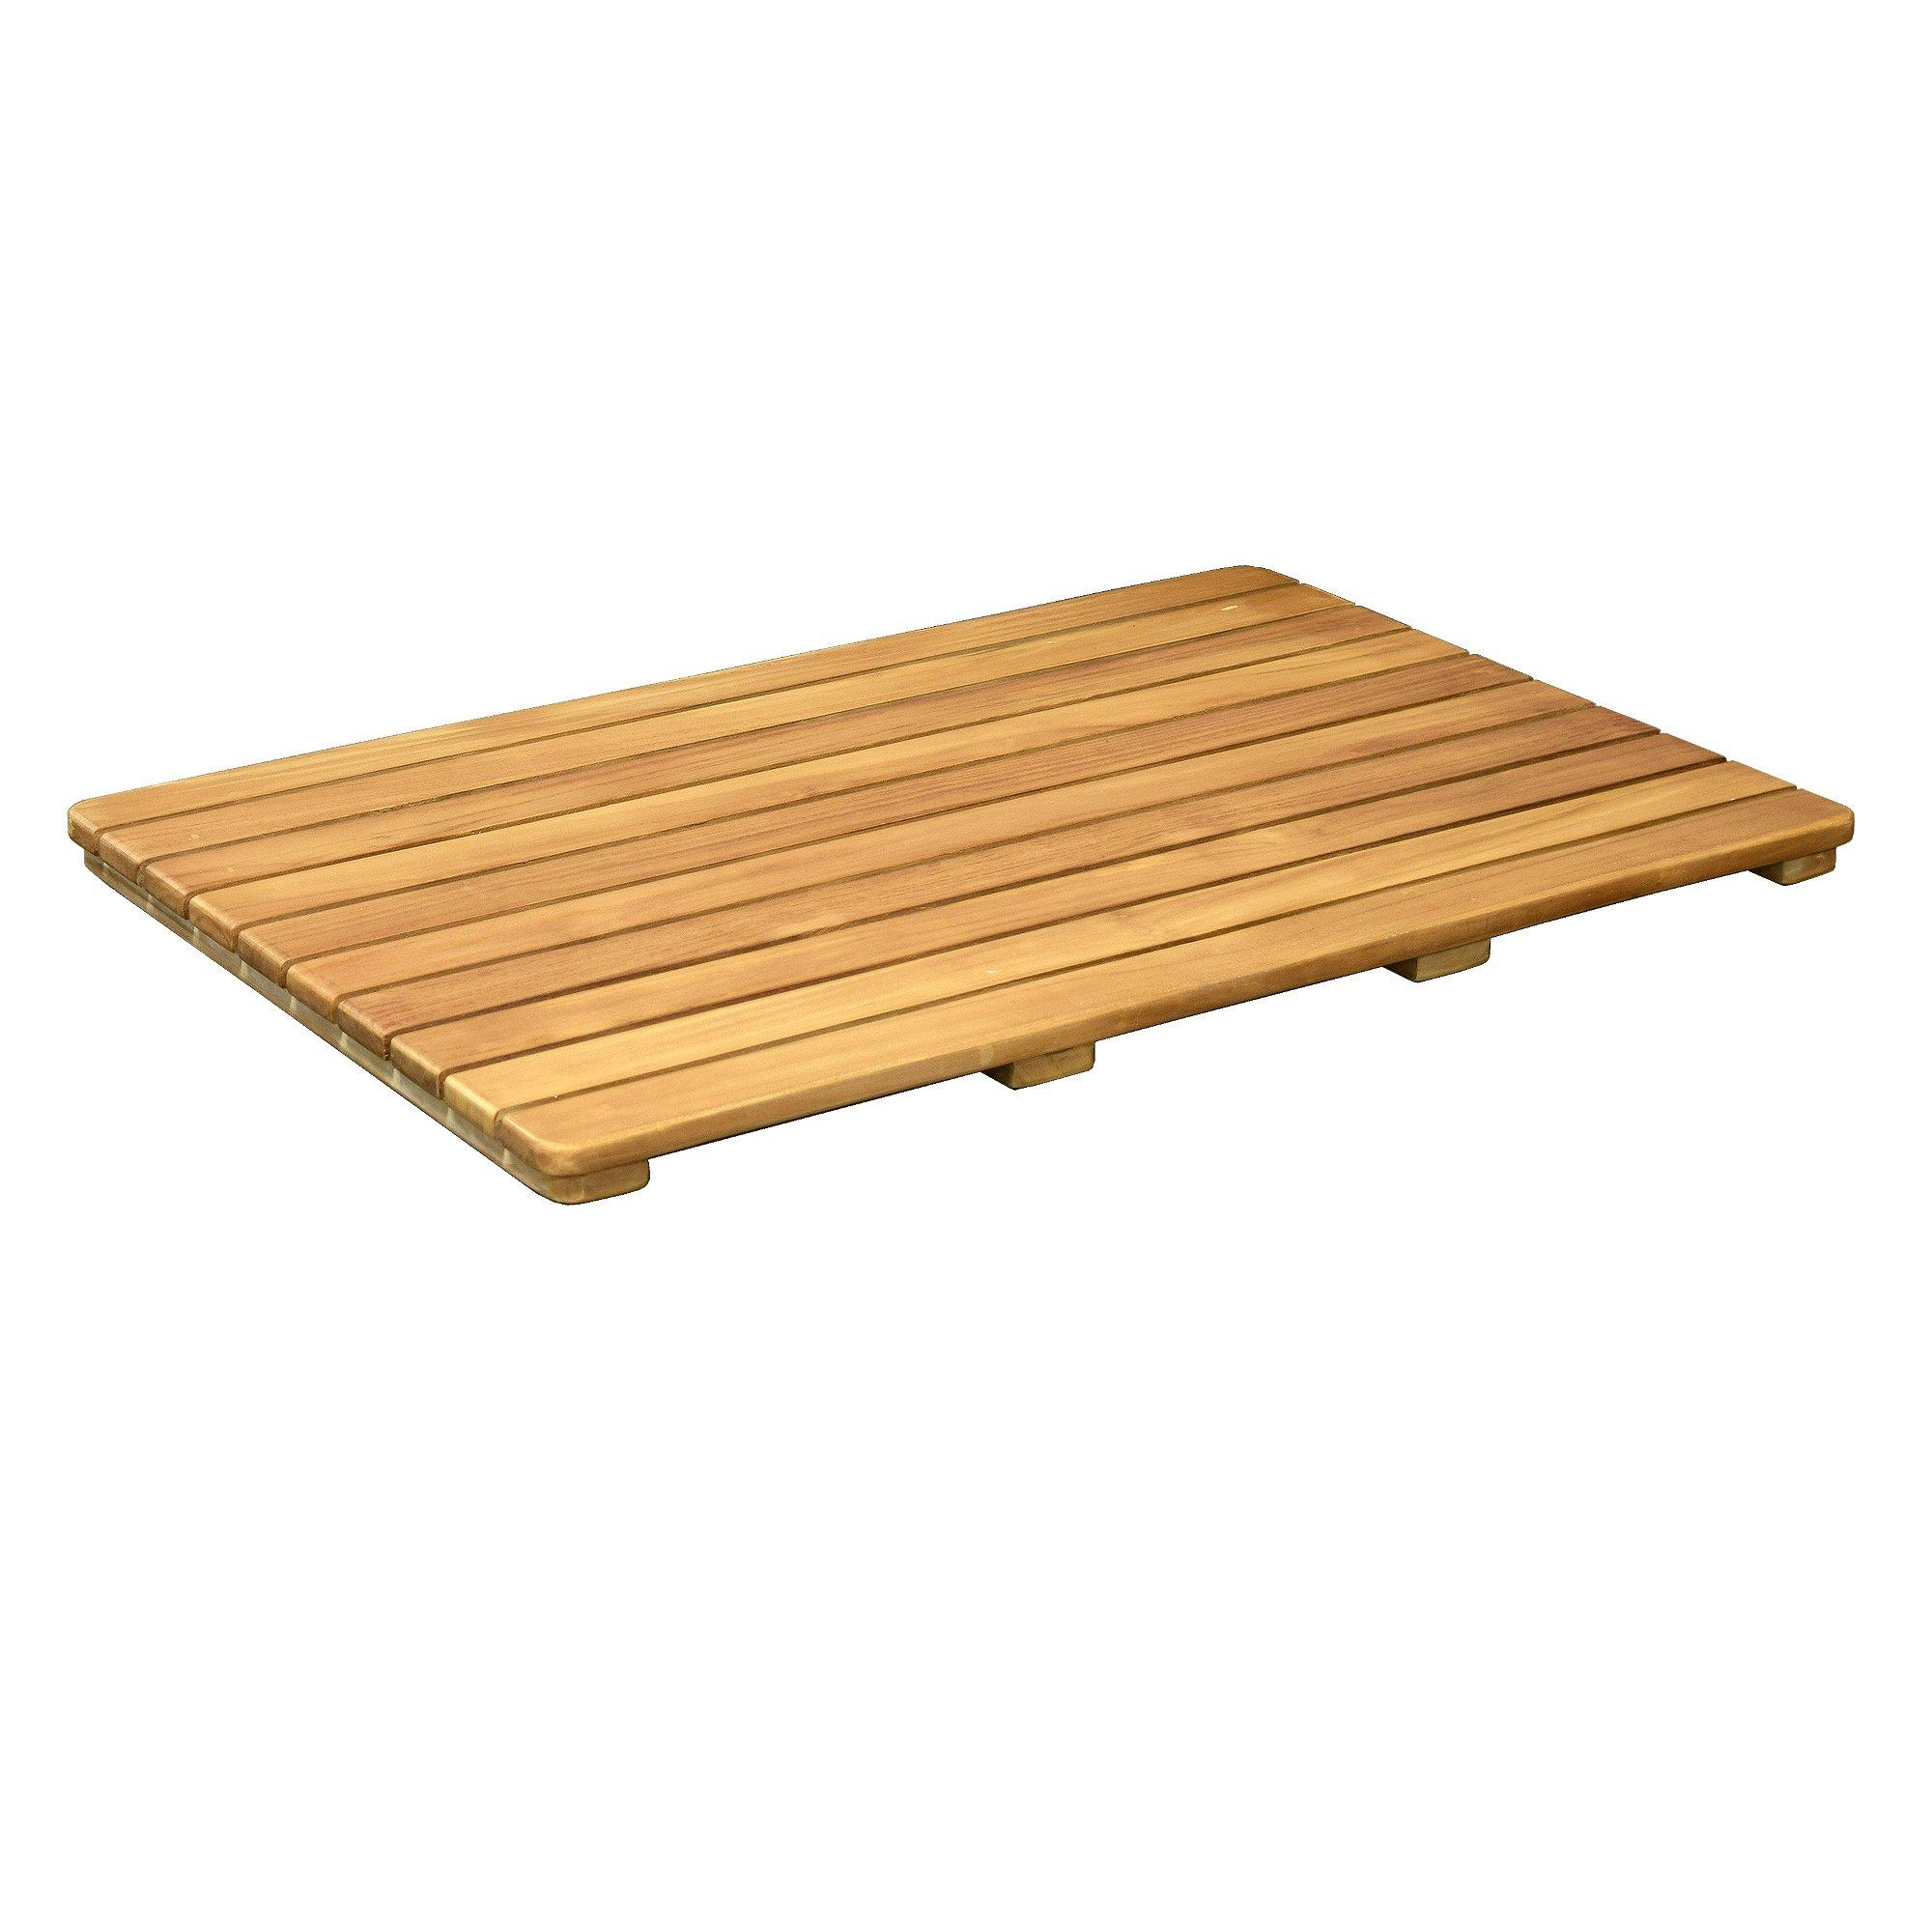 Asta Spa Teak Indoor/Outdoor Bath, Shower and Floor Teak Mat with Rounded Corners (30'' x 20'')